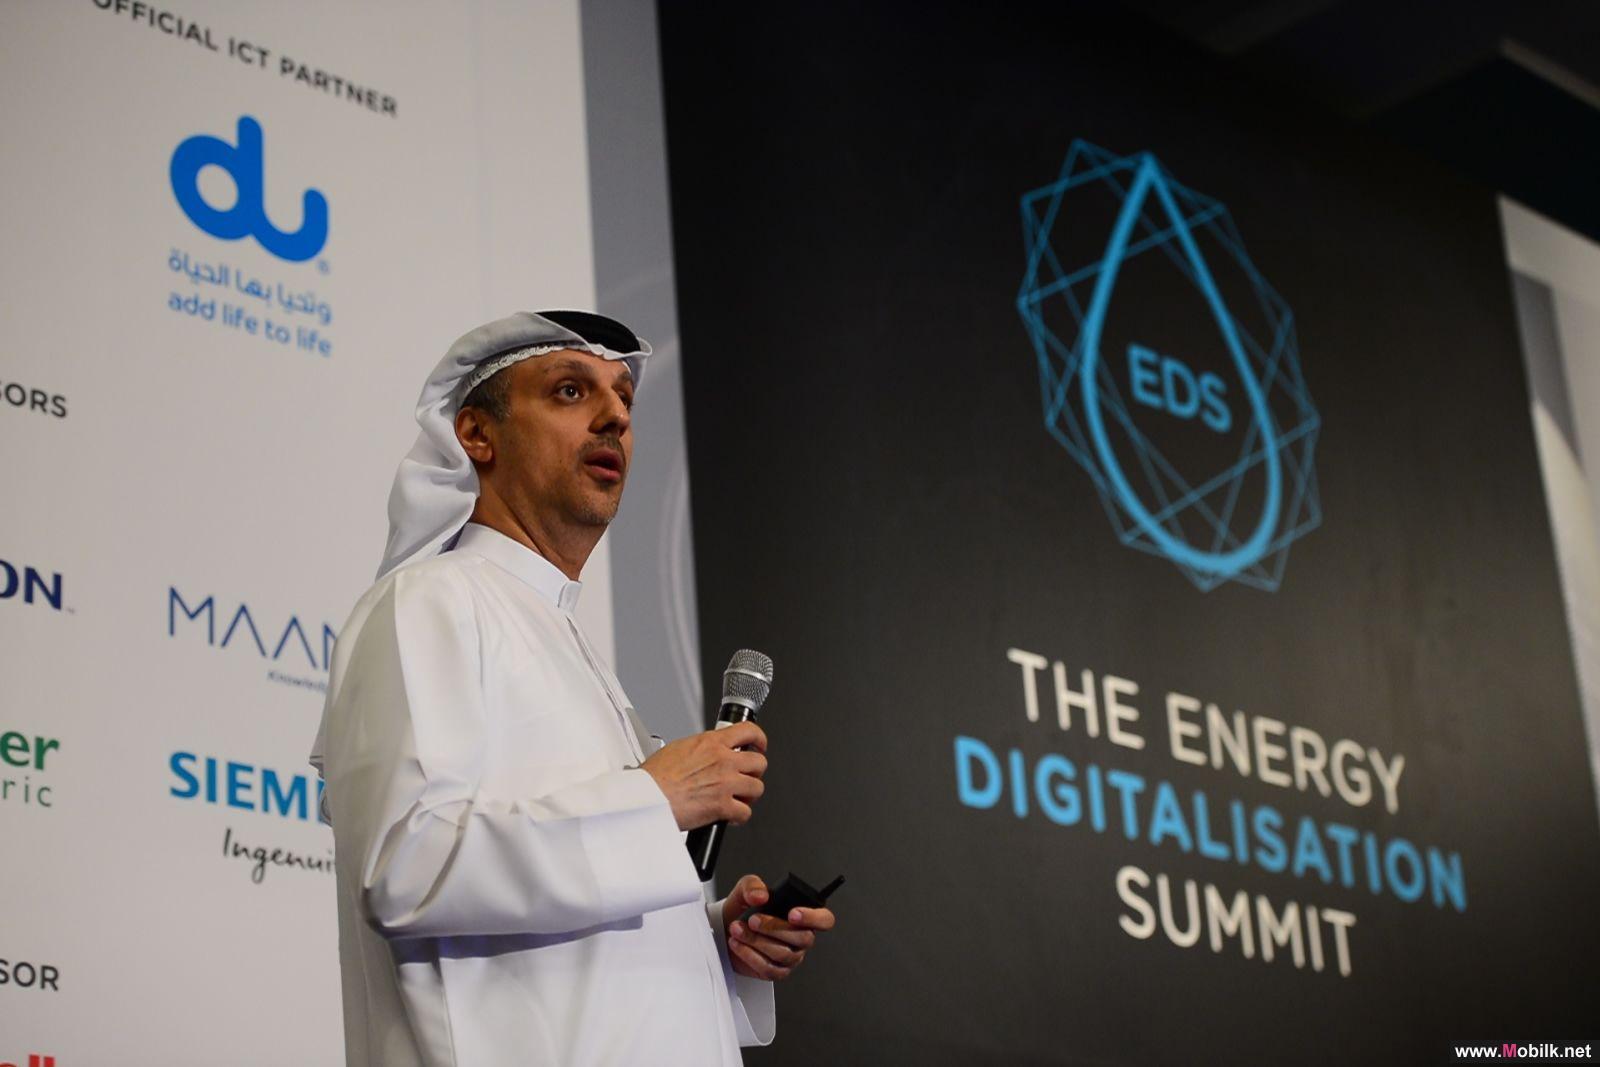 دو تدعم وتشارك في قمة رقمنة الطاقة في الشرق الأوسط 2017